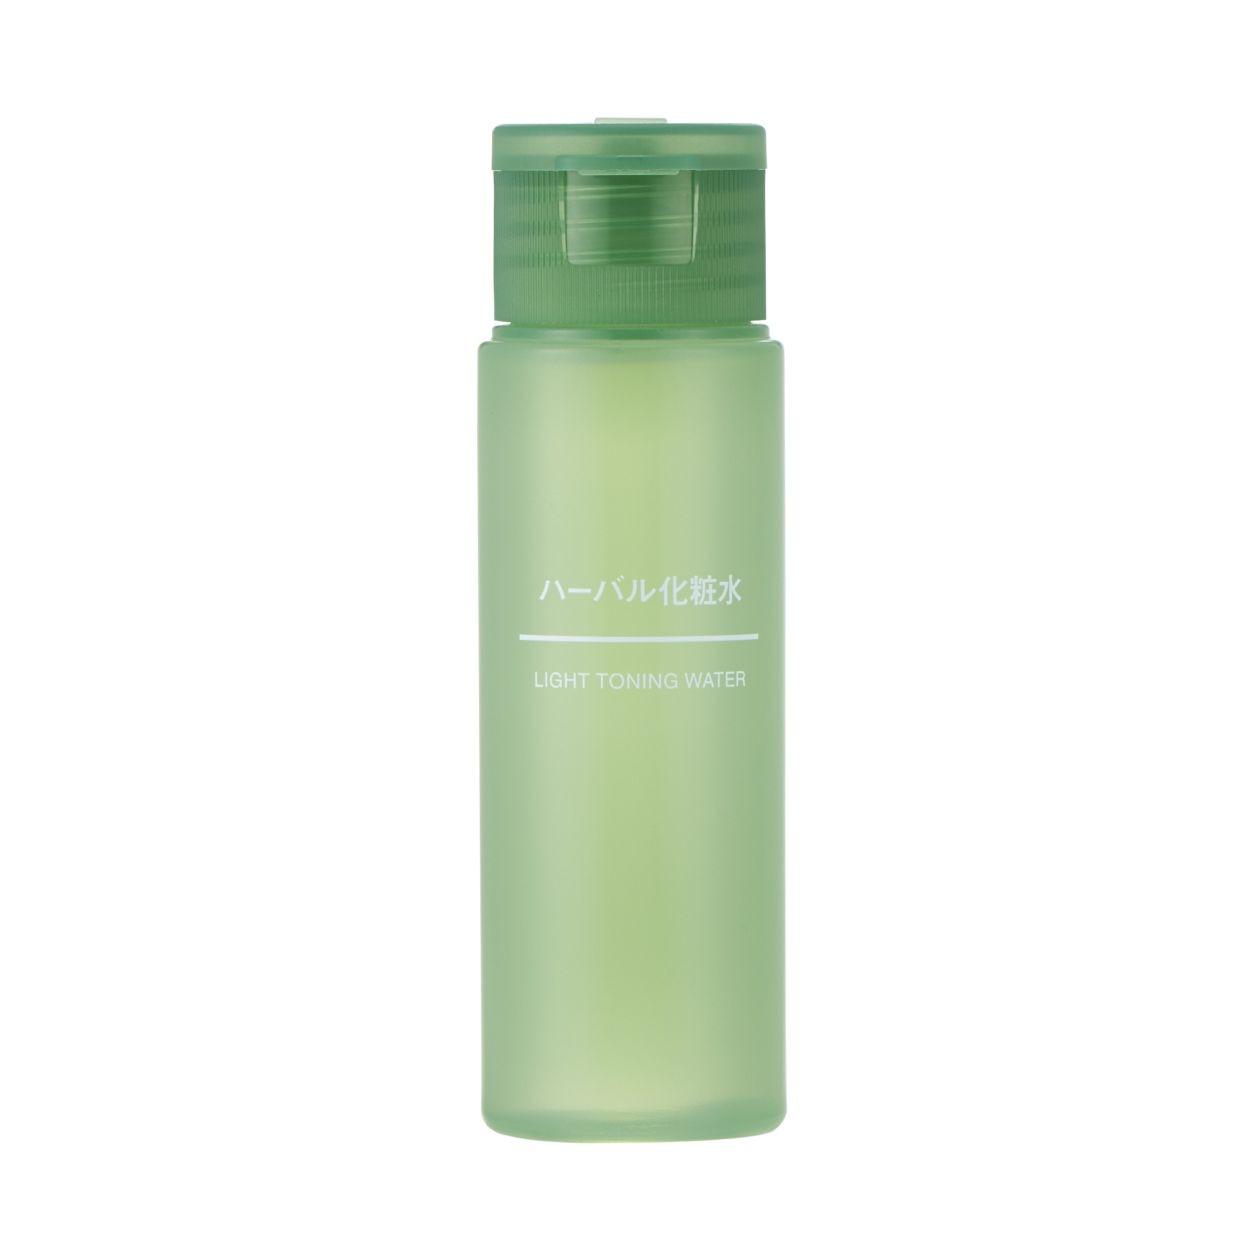 ハーバル化粧水(携帯用)